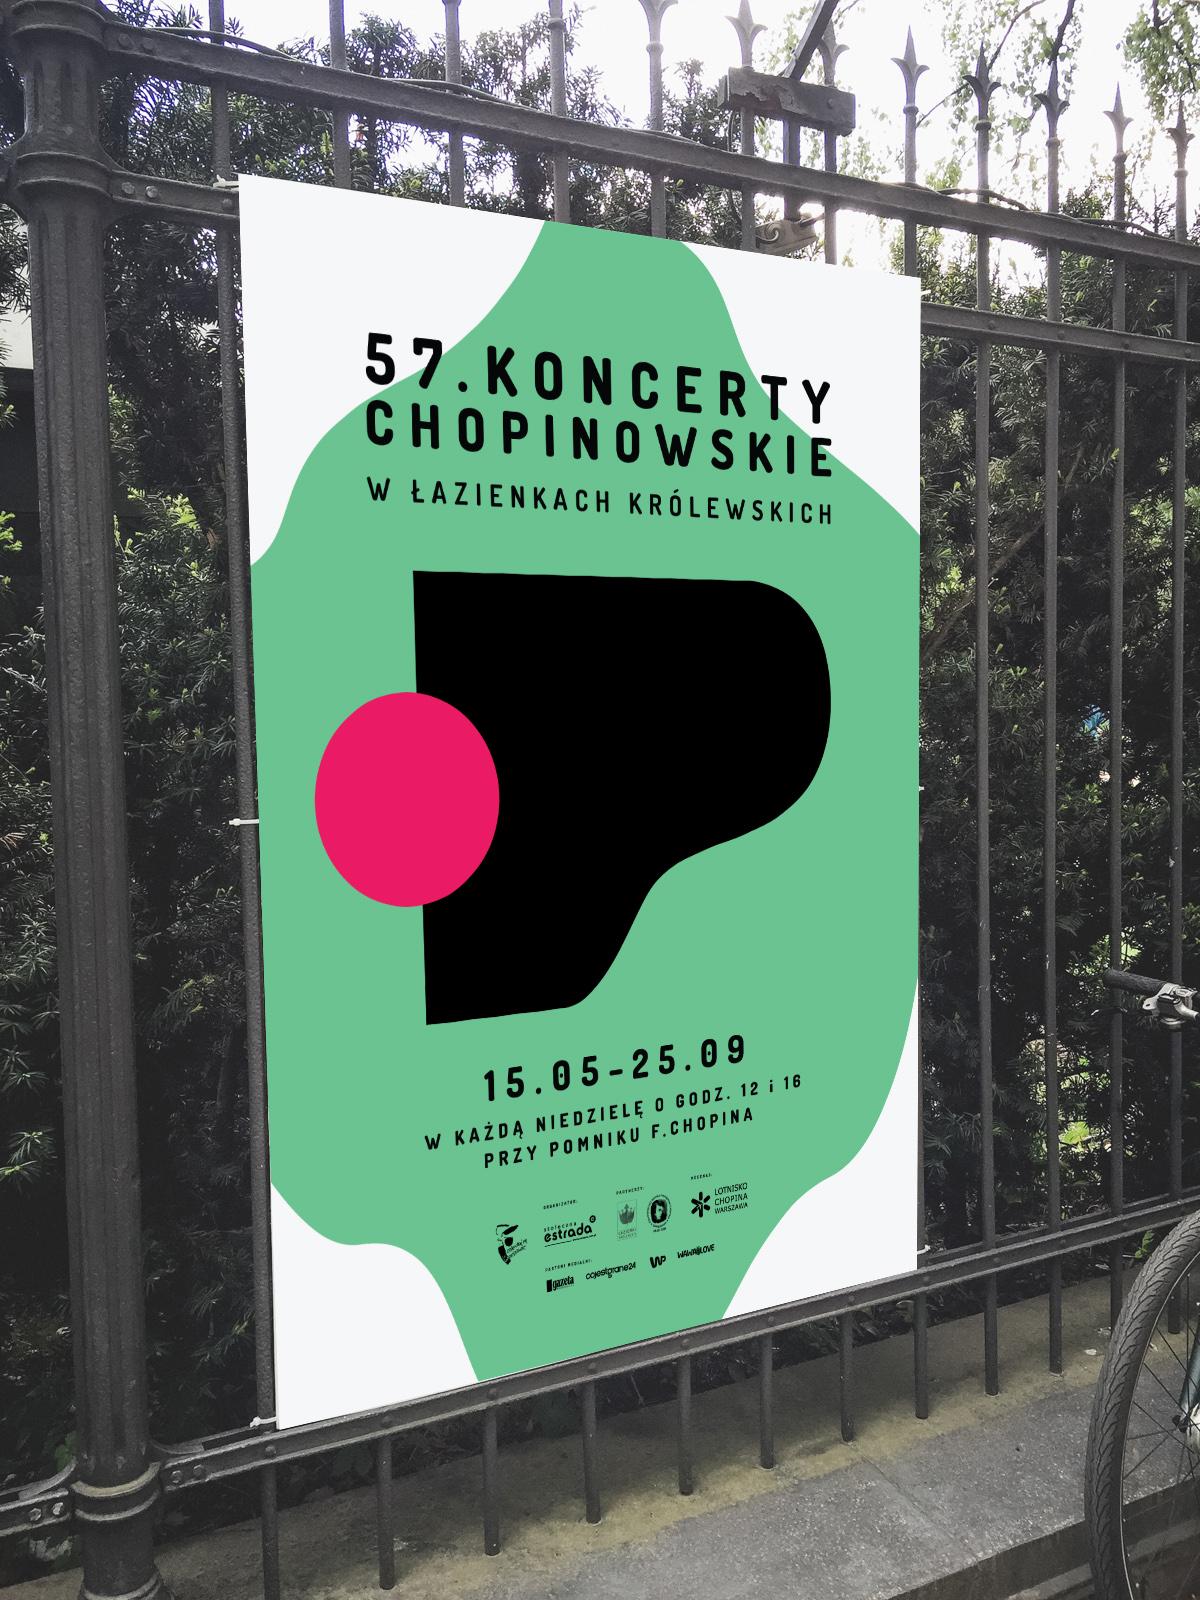 kohe_koncerty_chopinowskie_ogrodzenie